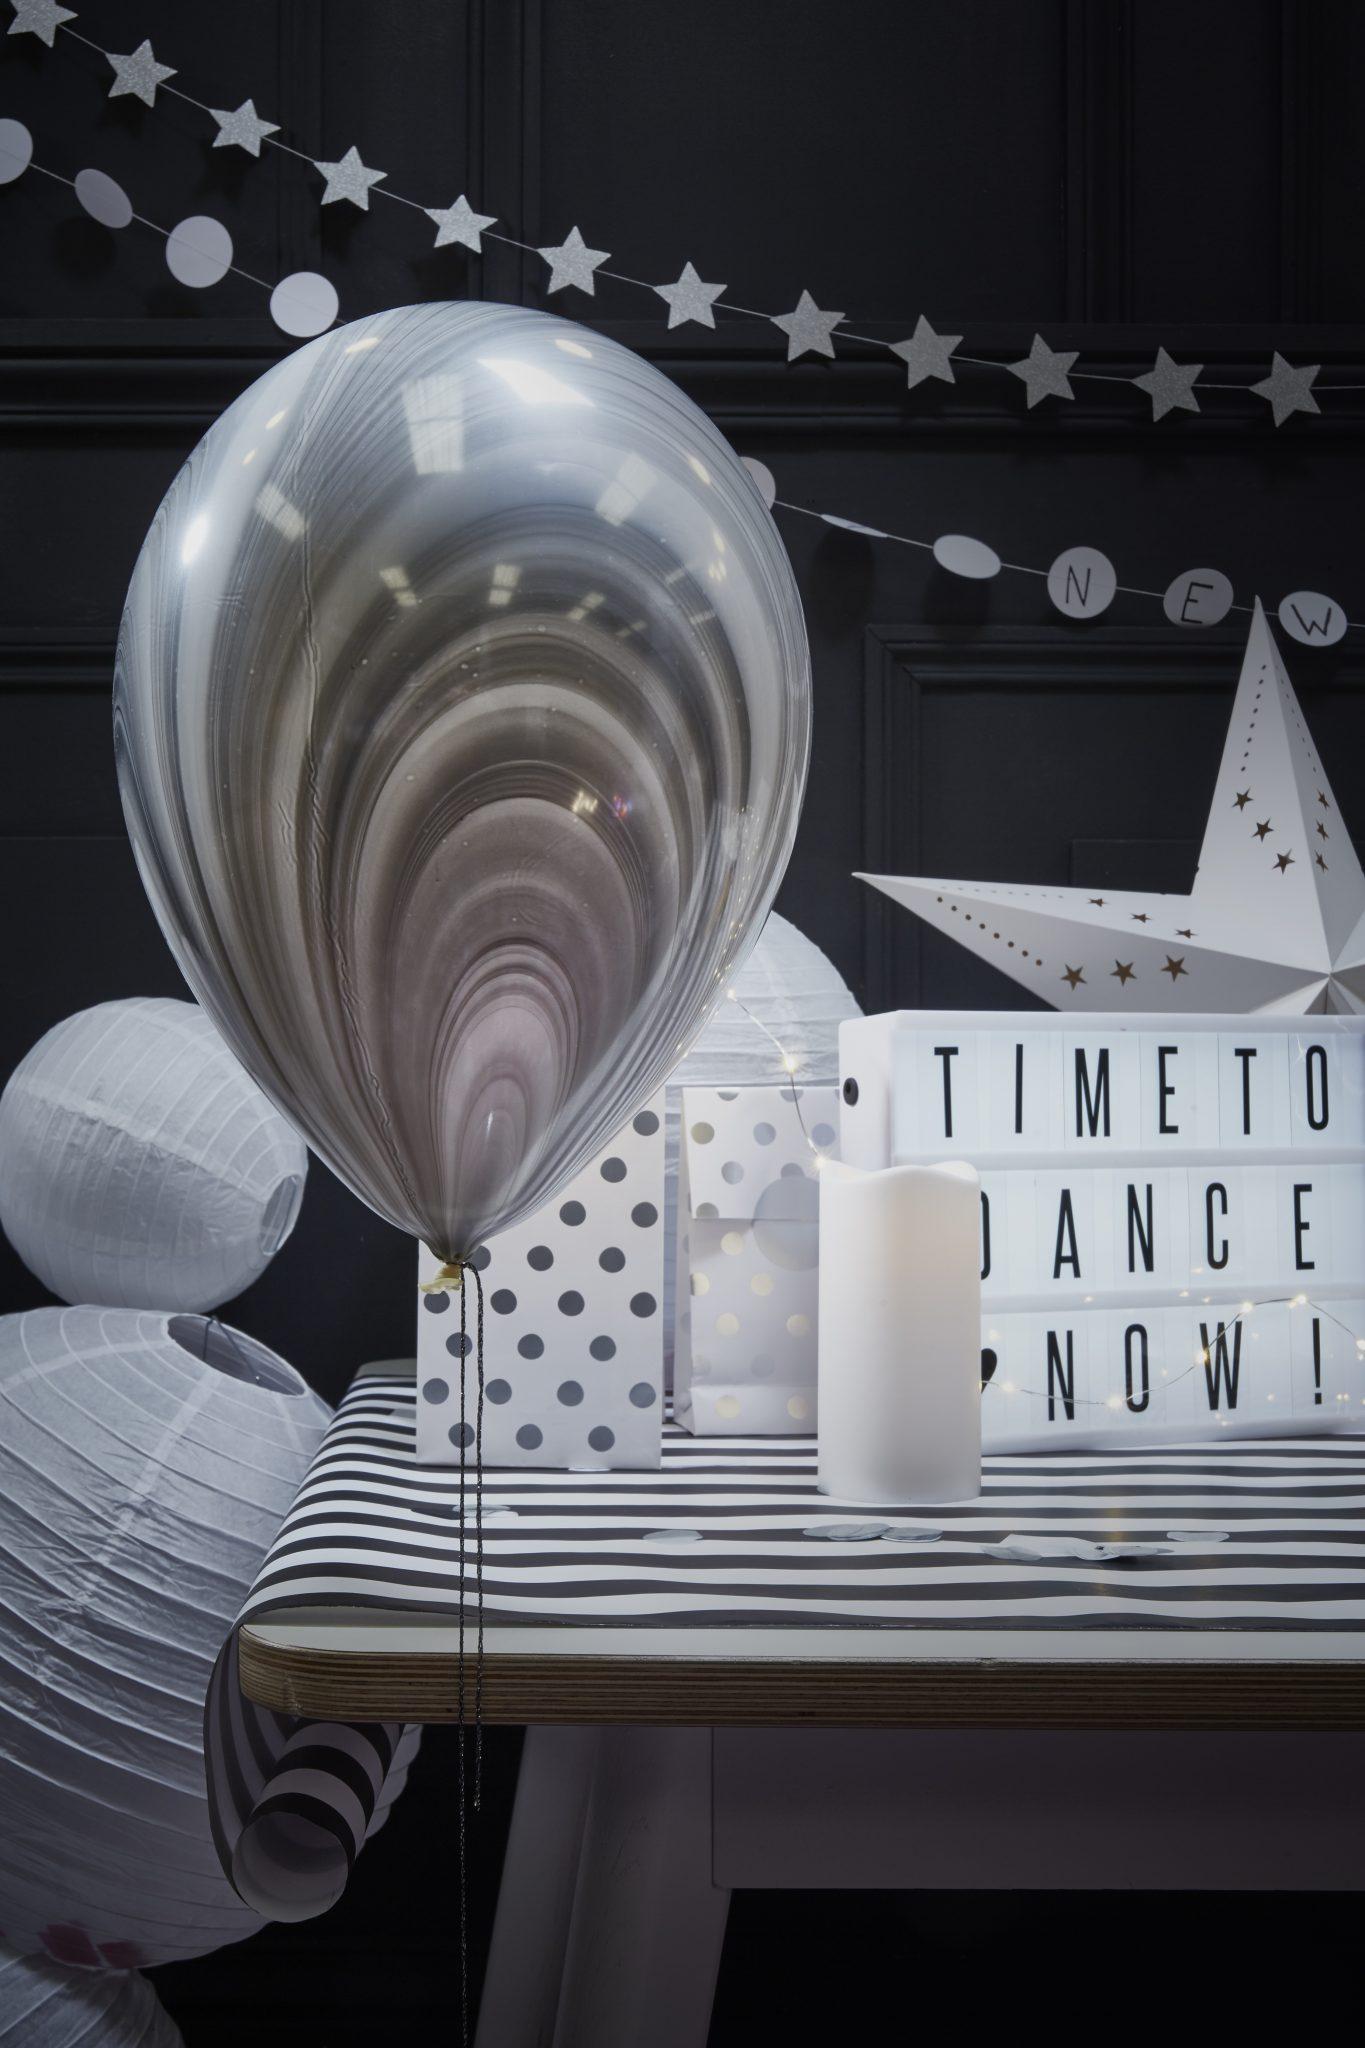 déco noire et blanche nouvel an ballon lightbox bougie fete idées inspiration décoration